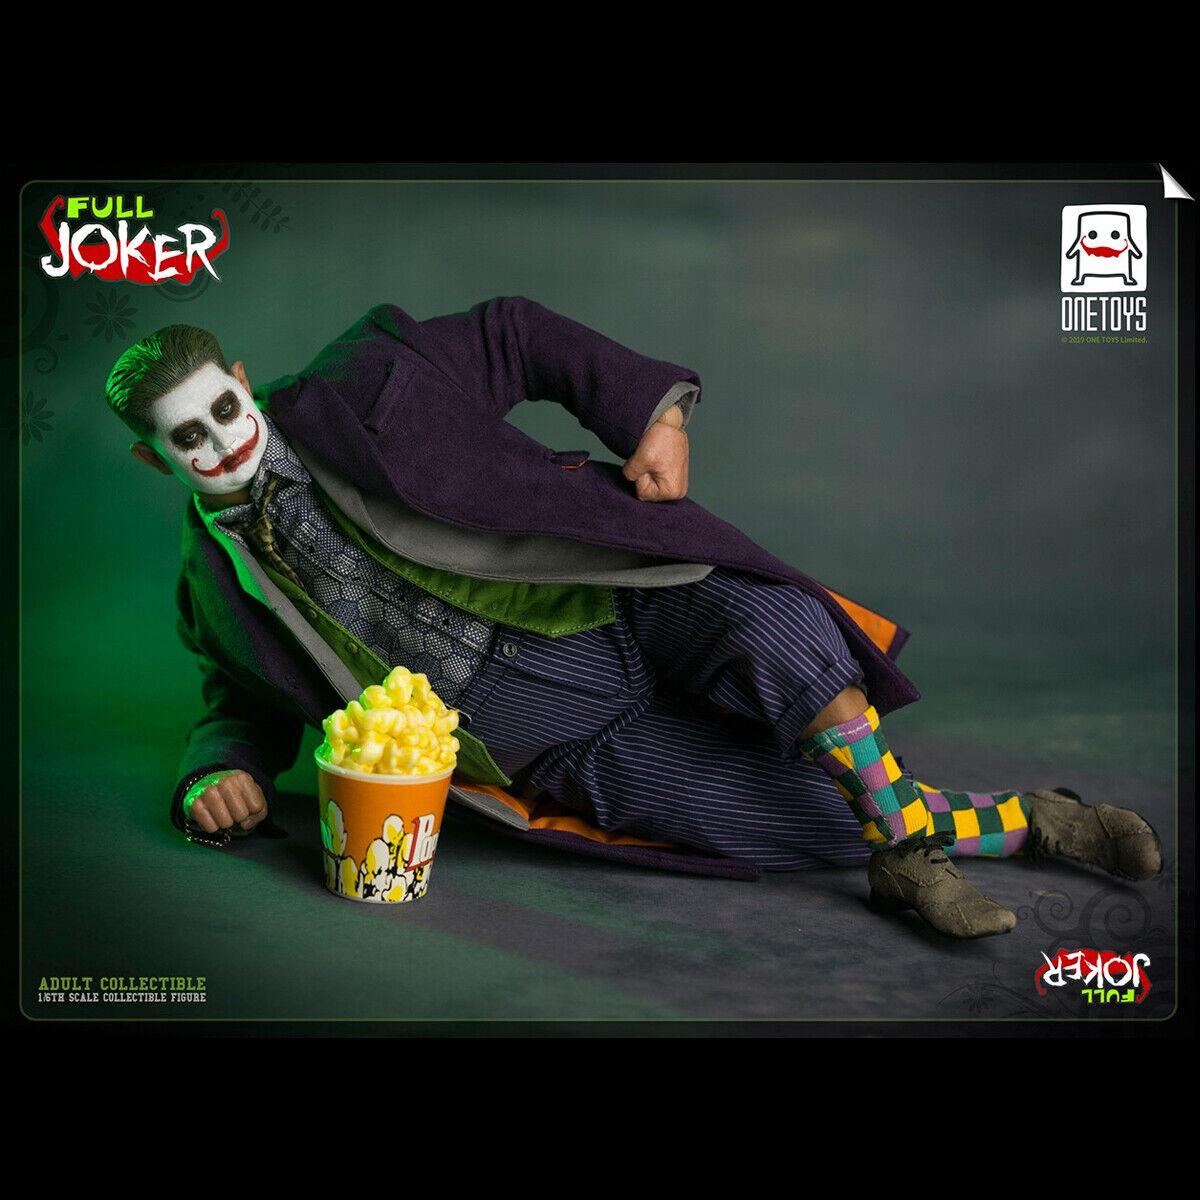 Un Juguetes 1 6 OT008 Payaso Completo Joker Modelo Masculino Figura De Acción Juguetes Coleccionable